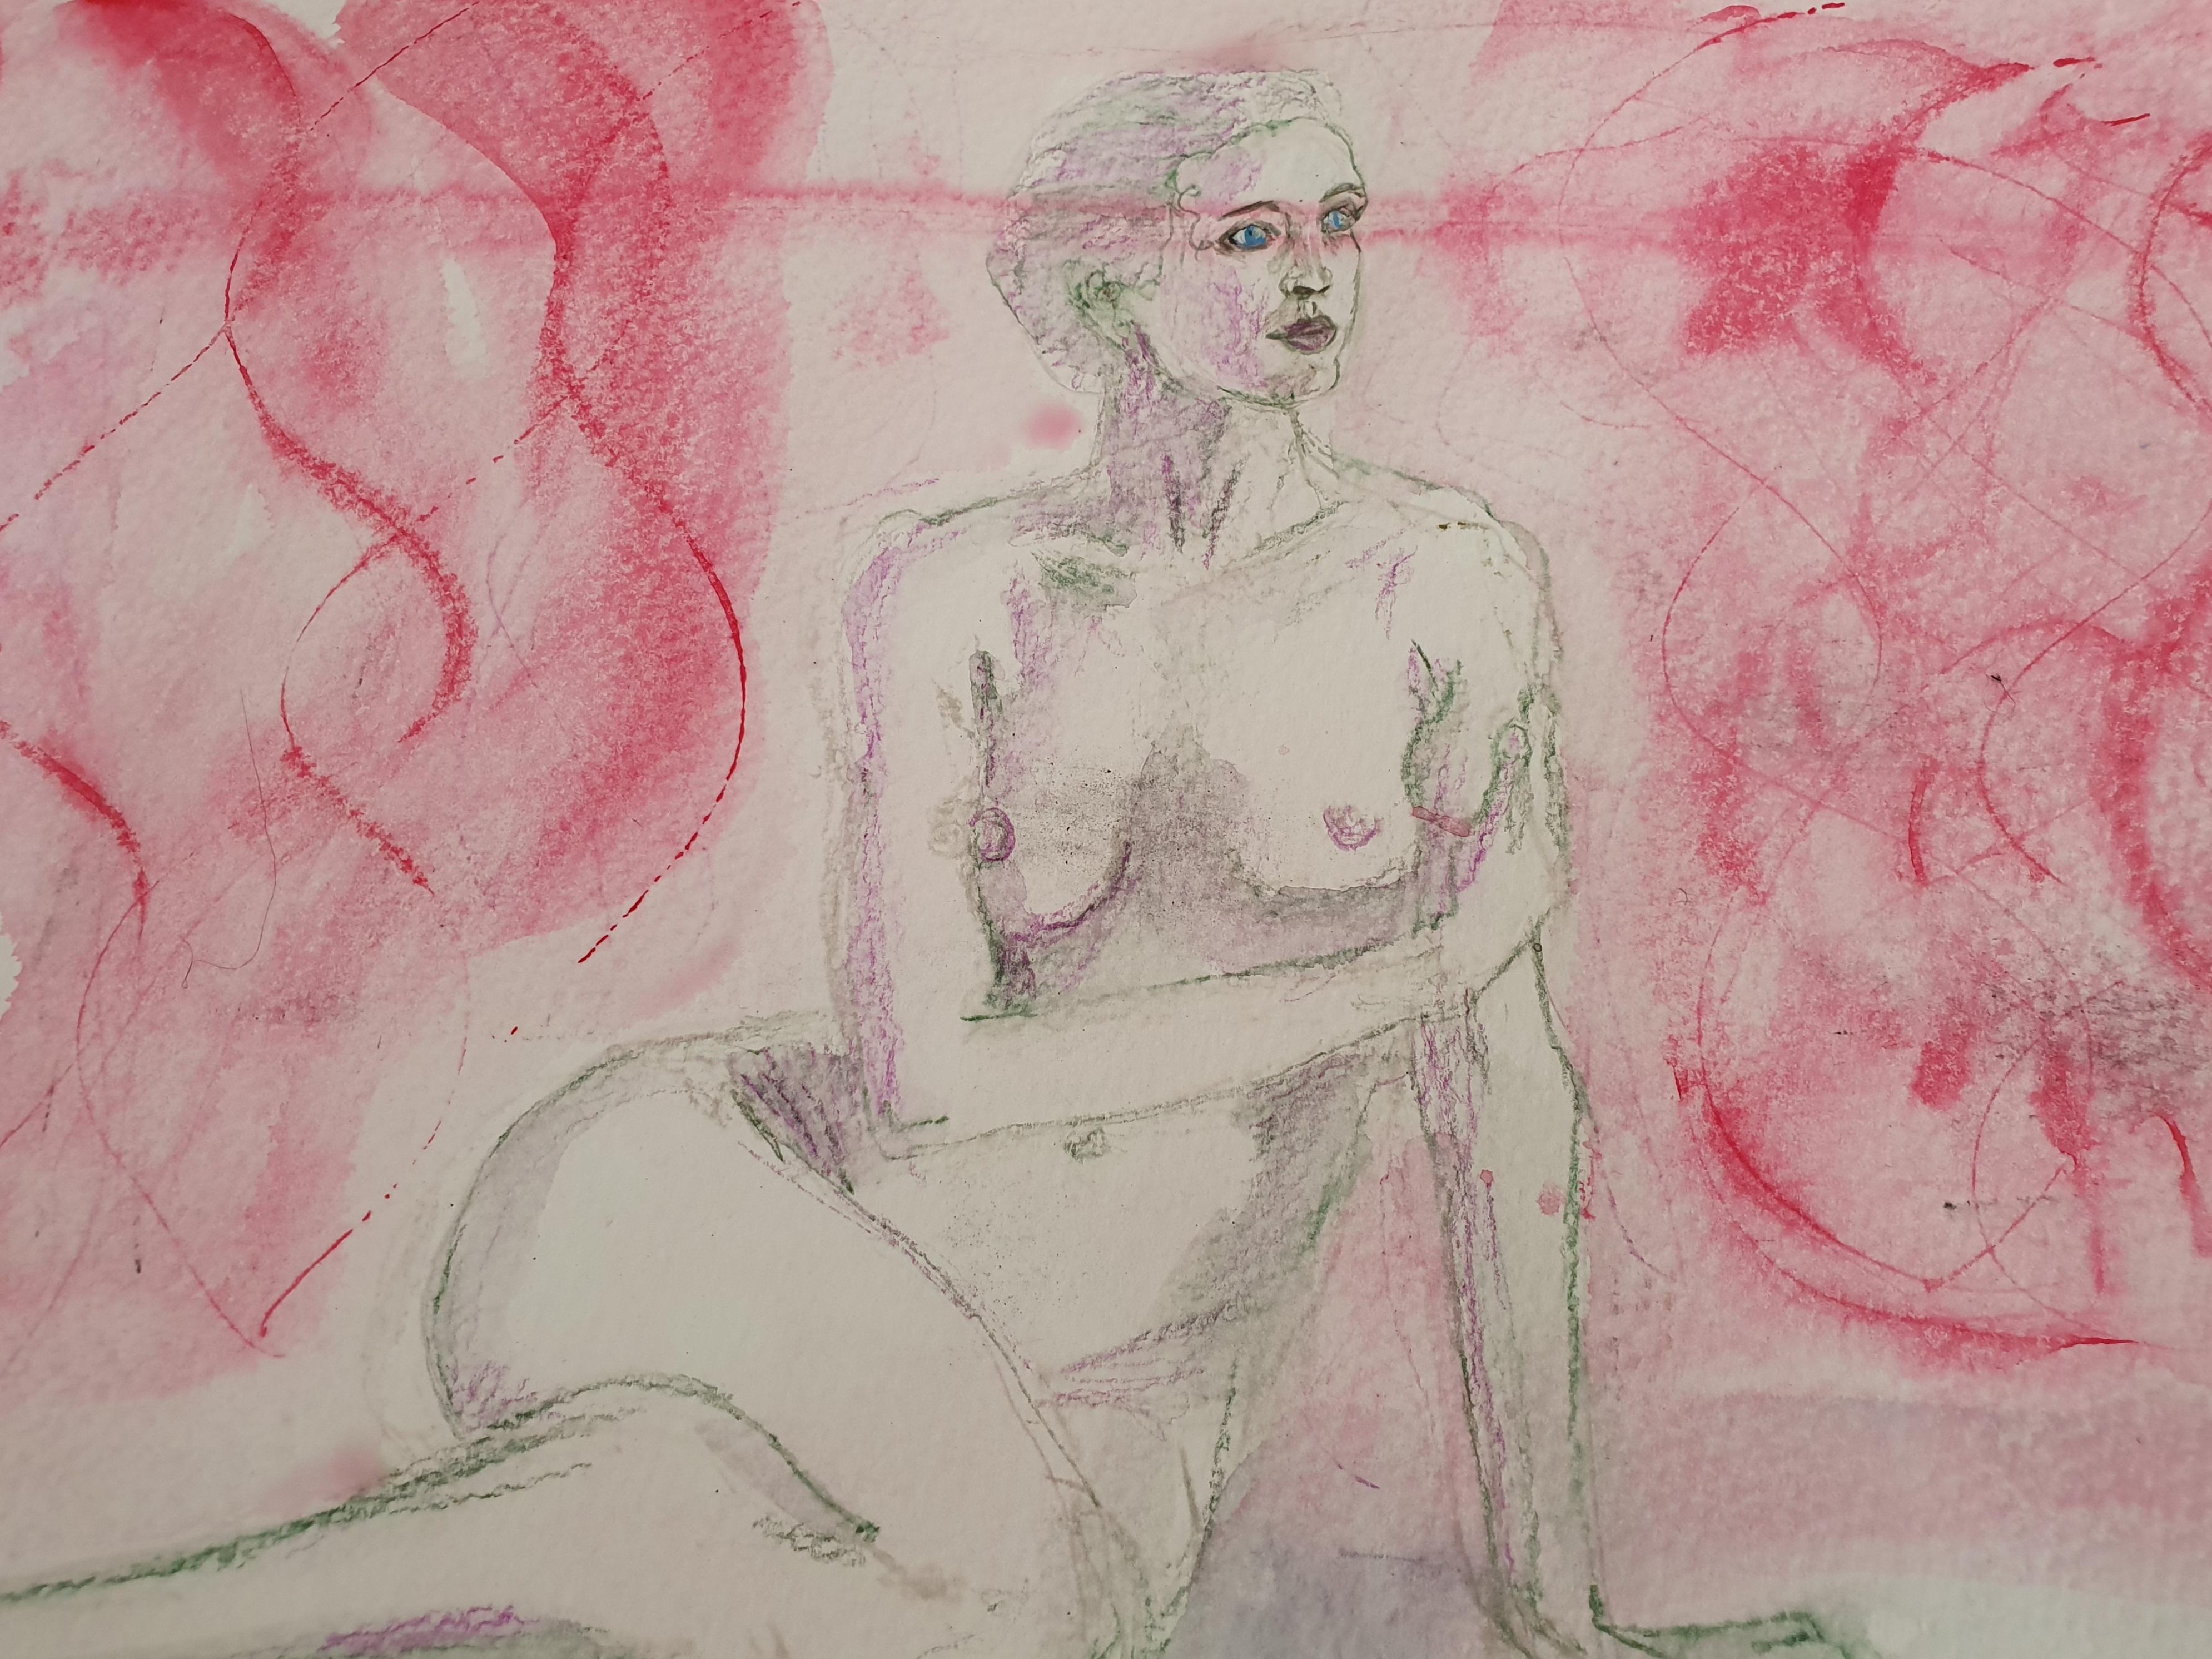 Pastel crayon papier sur papier aquarelle dessin  cours de dessin